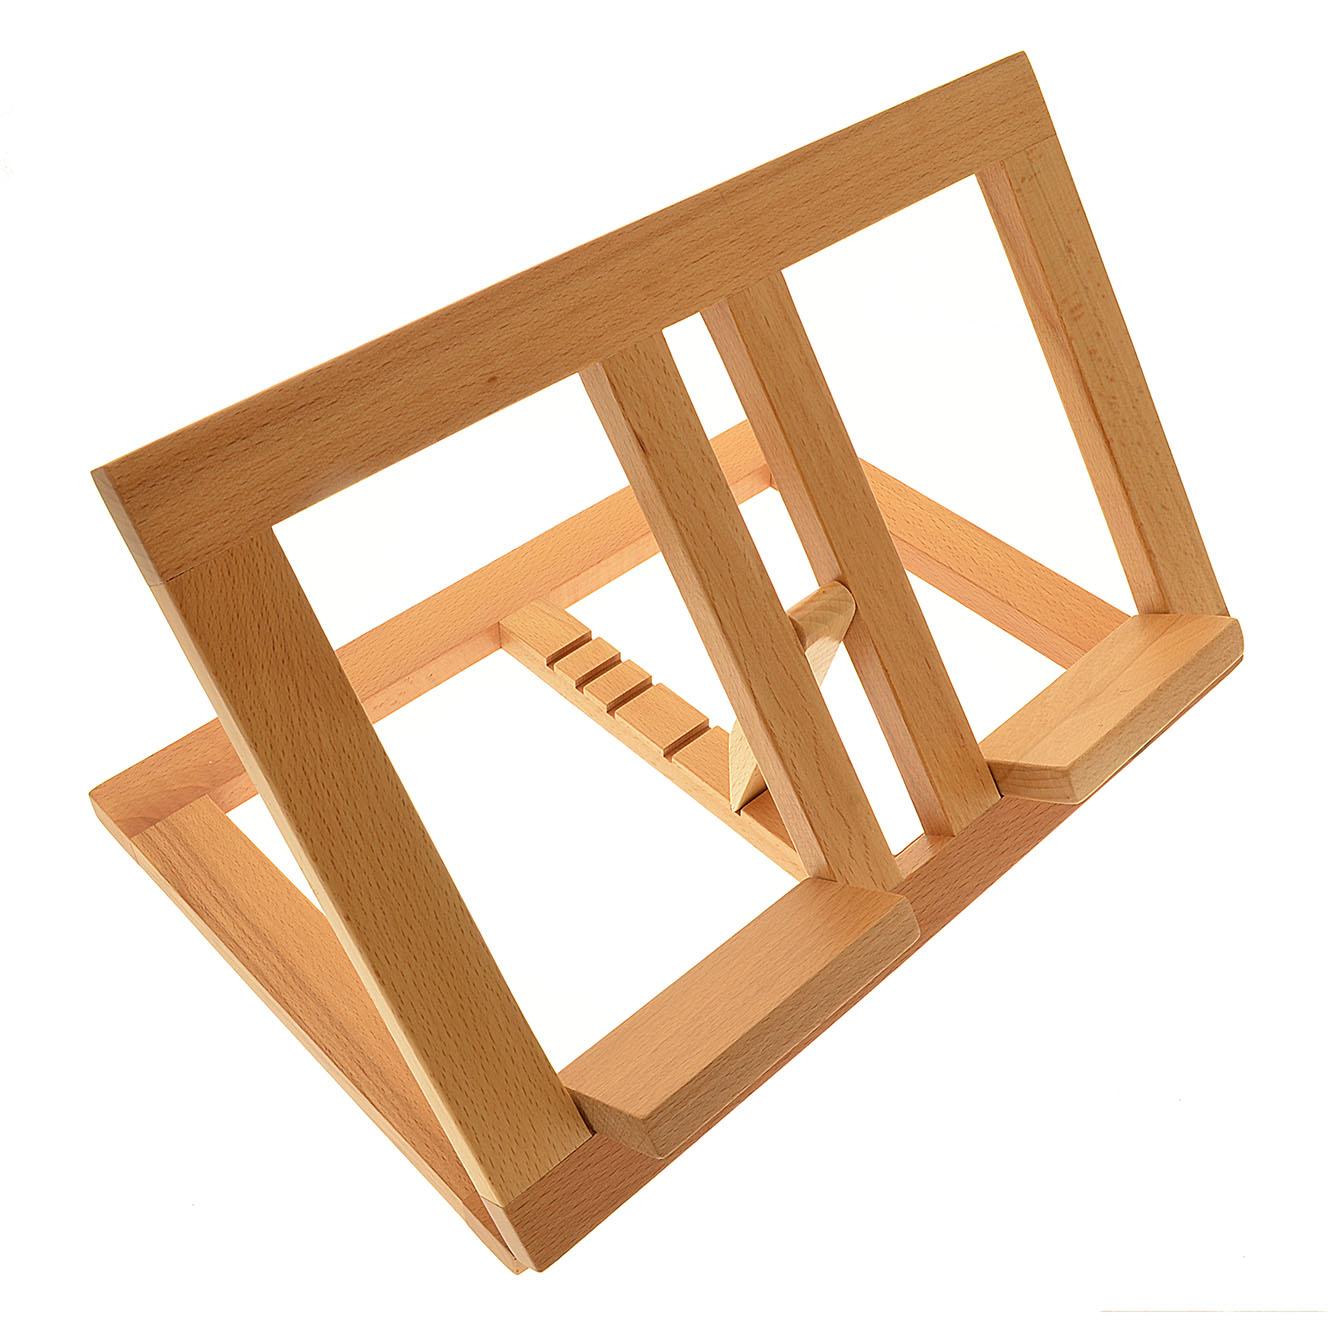 Leggio in legno chiaro con inclinazione variabile cm 21 x - Costruire un leggio da tavolo ...